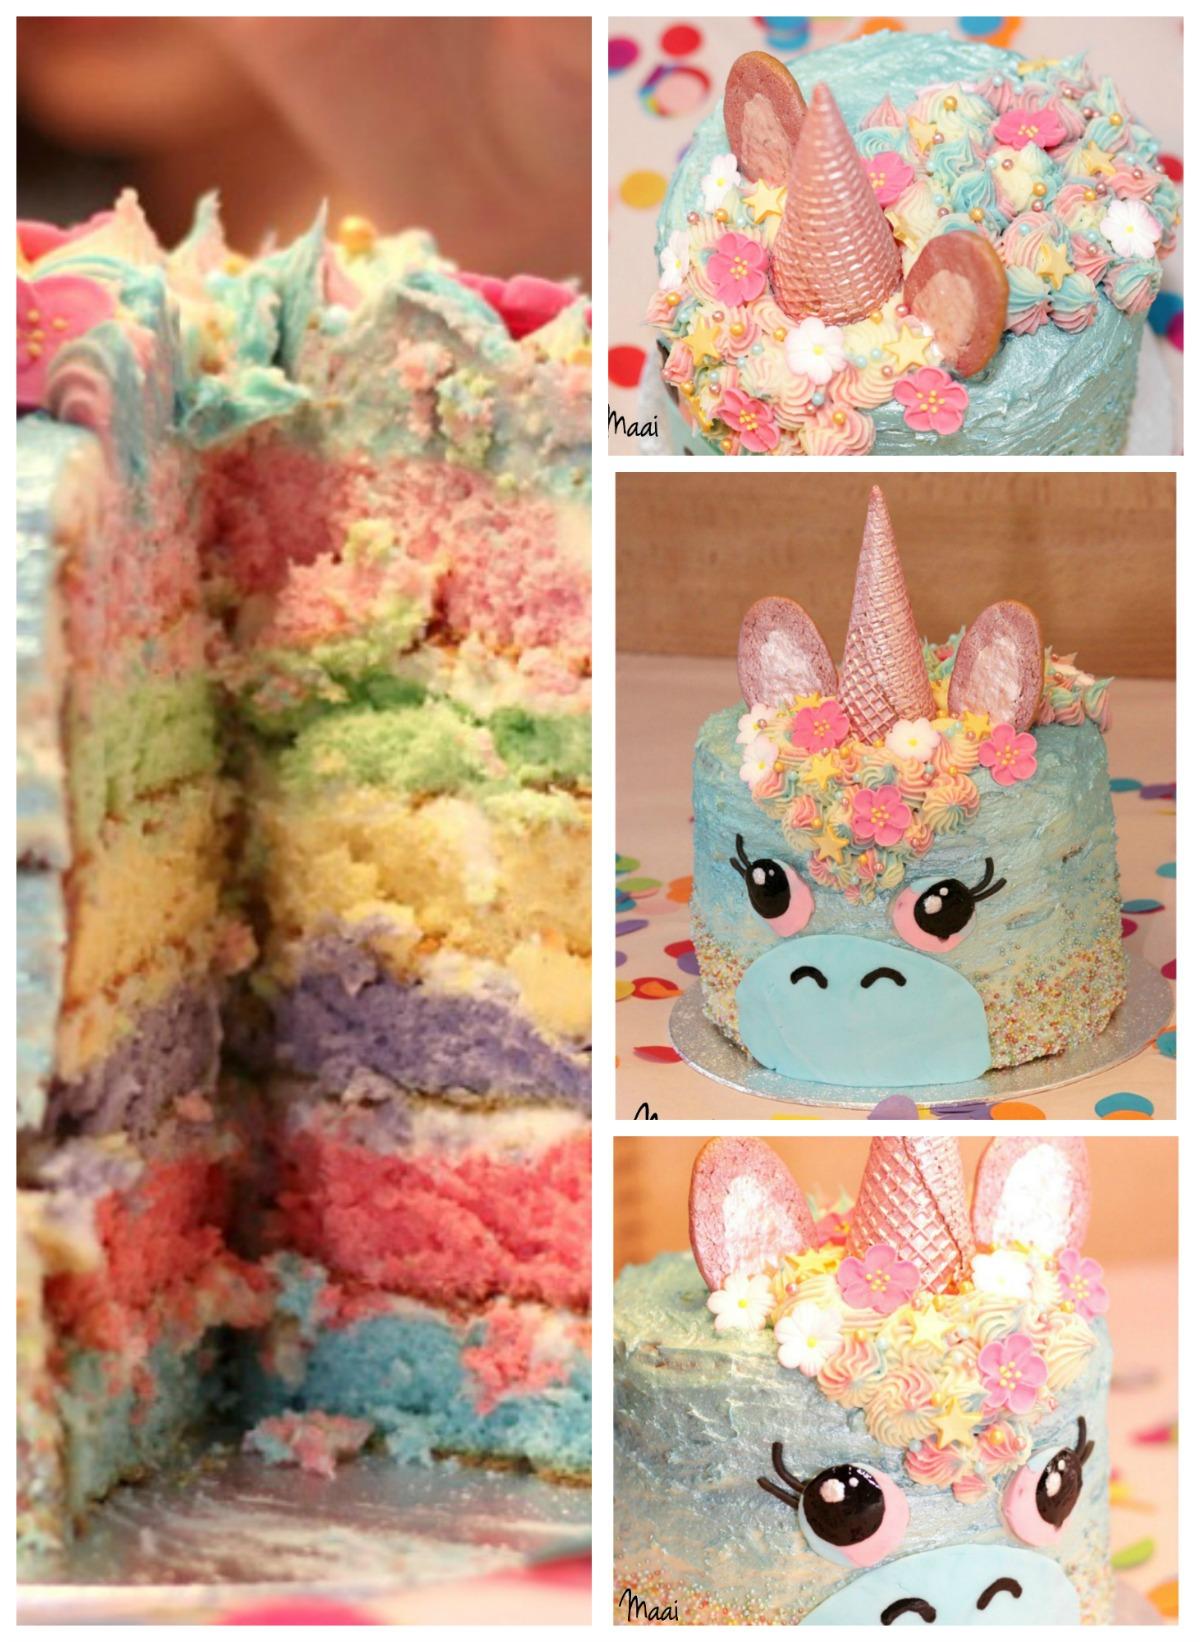 unicorn cake, regenboogtaart, eenhoorn taart, taart verjaardag meisje